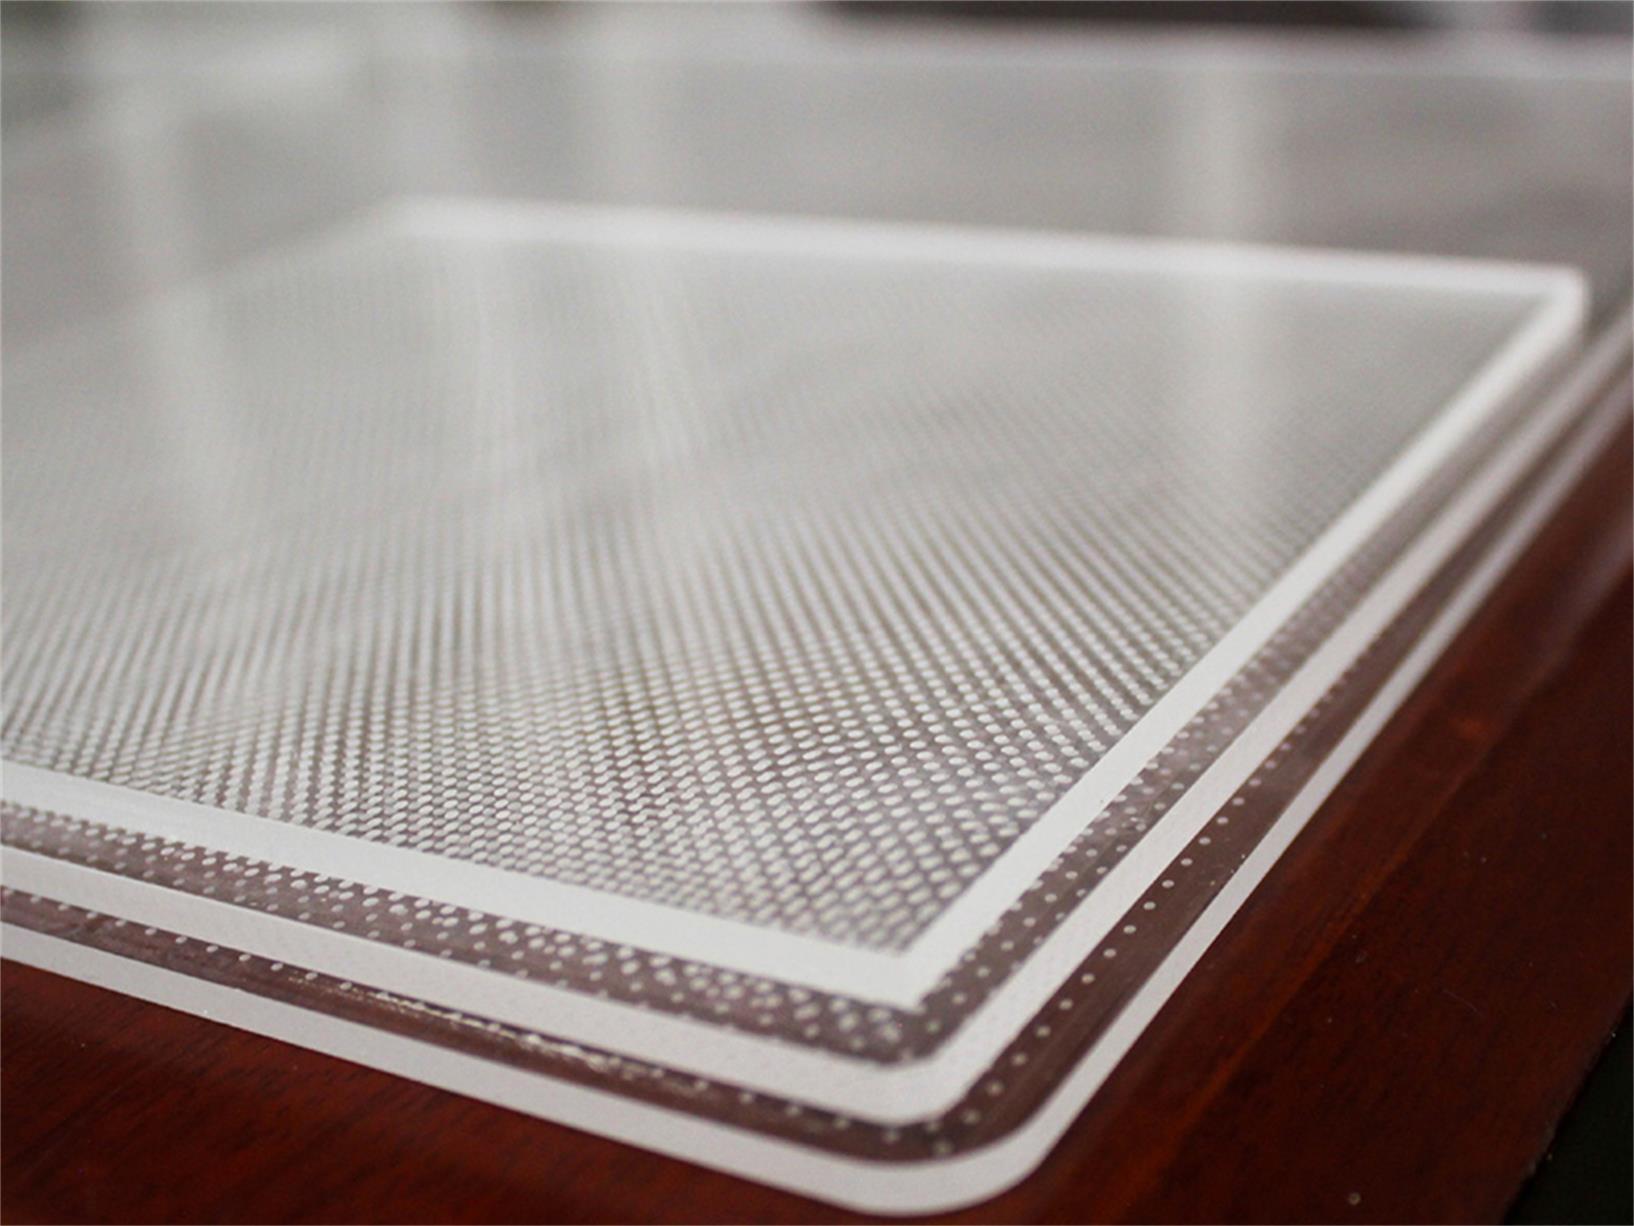 好的导光板丝印油墨品牌推荐 ,上海导光板网印油墨生产厂家